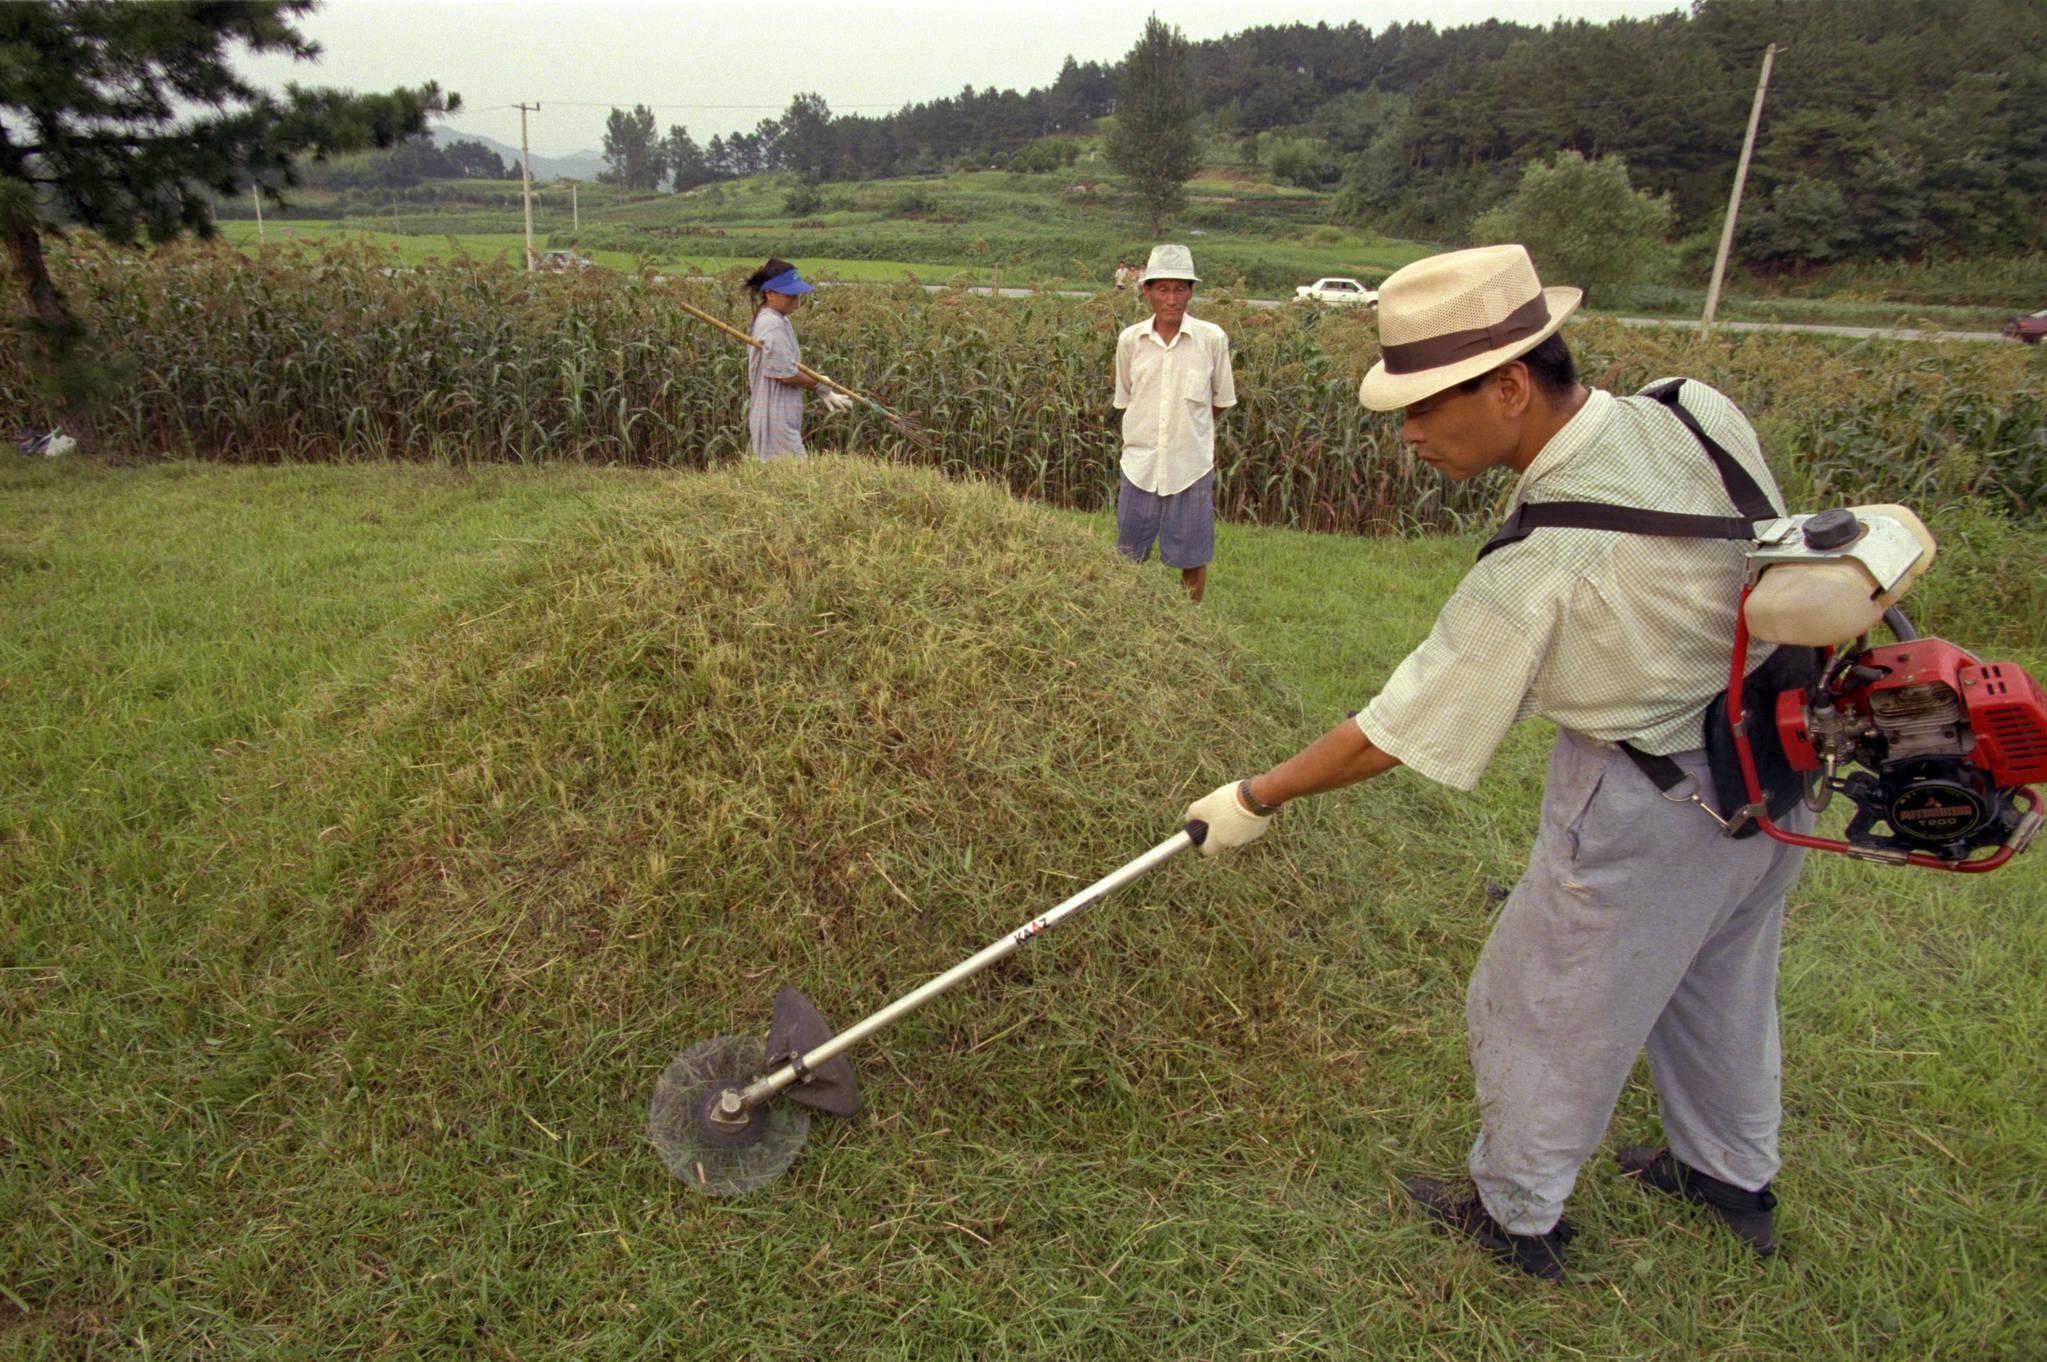 1995년 추석(9월9일)을 앞둔 8월 23일 한 노인이 벌초기계를 메고 벌초를 하고 있다. 당시 이러한 예초기는 귀했다.[중앙포토]